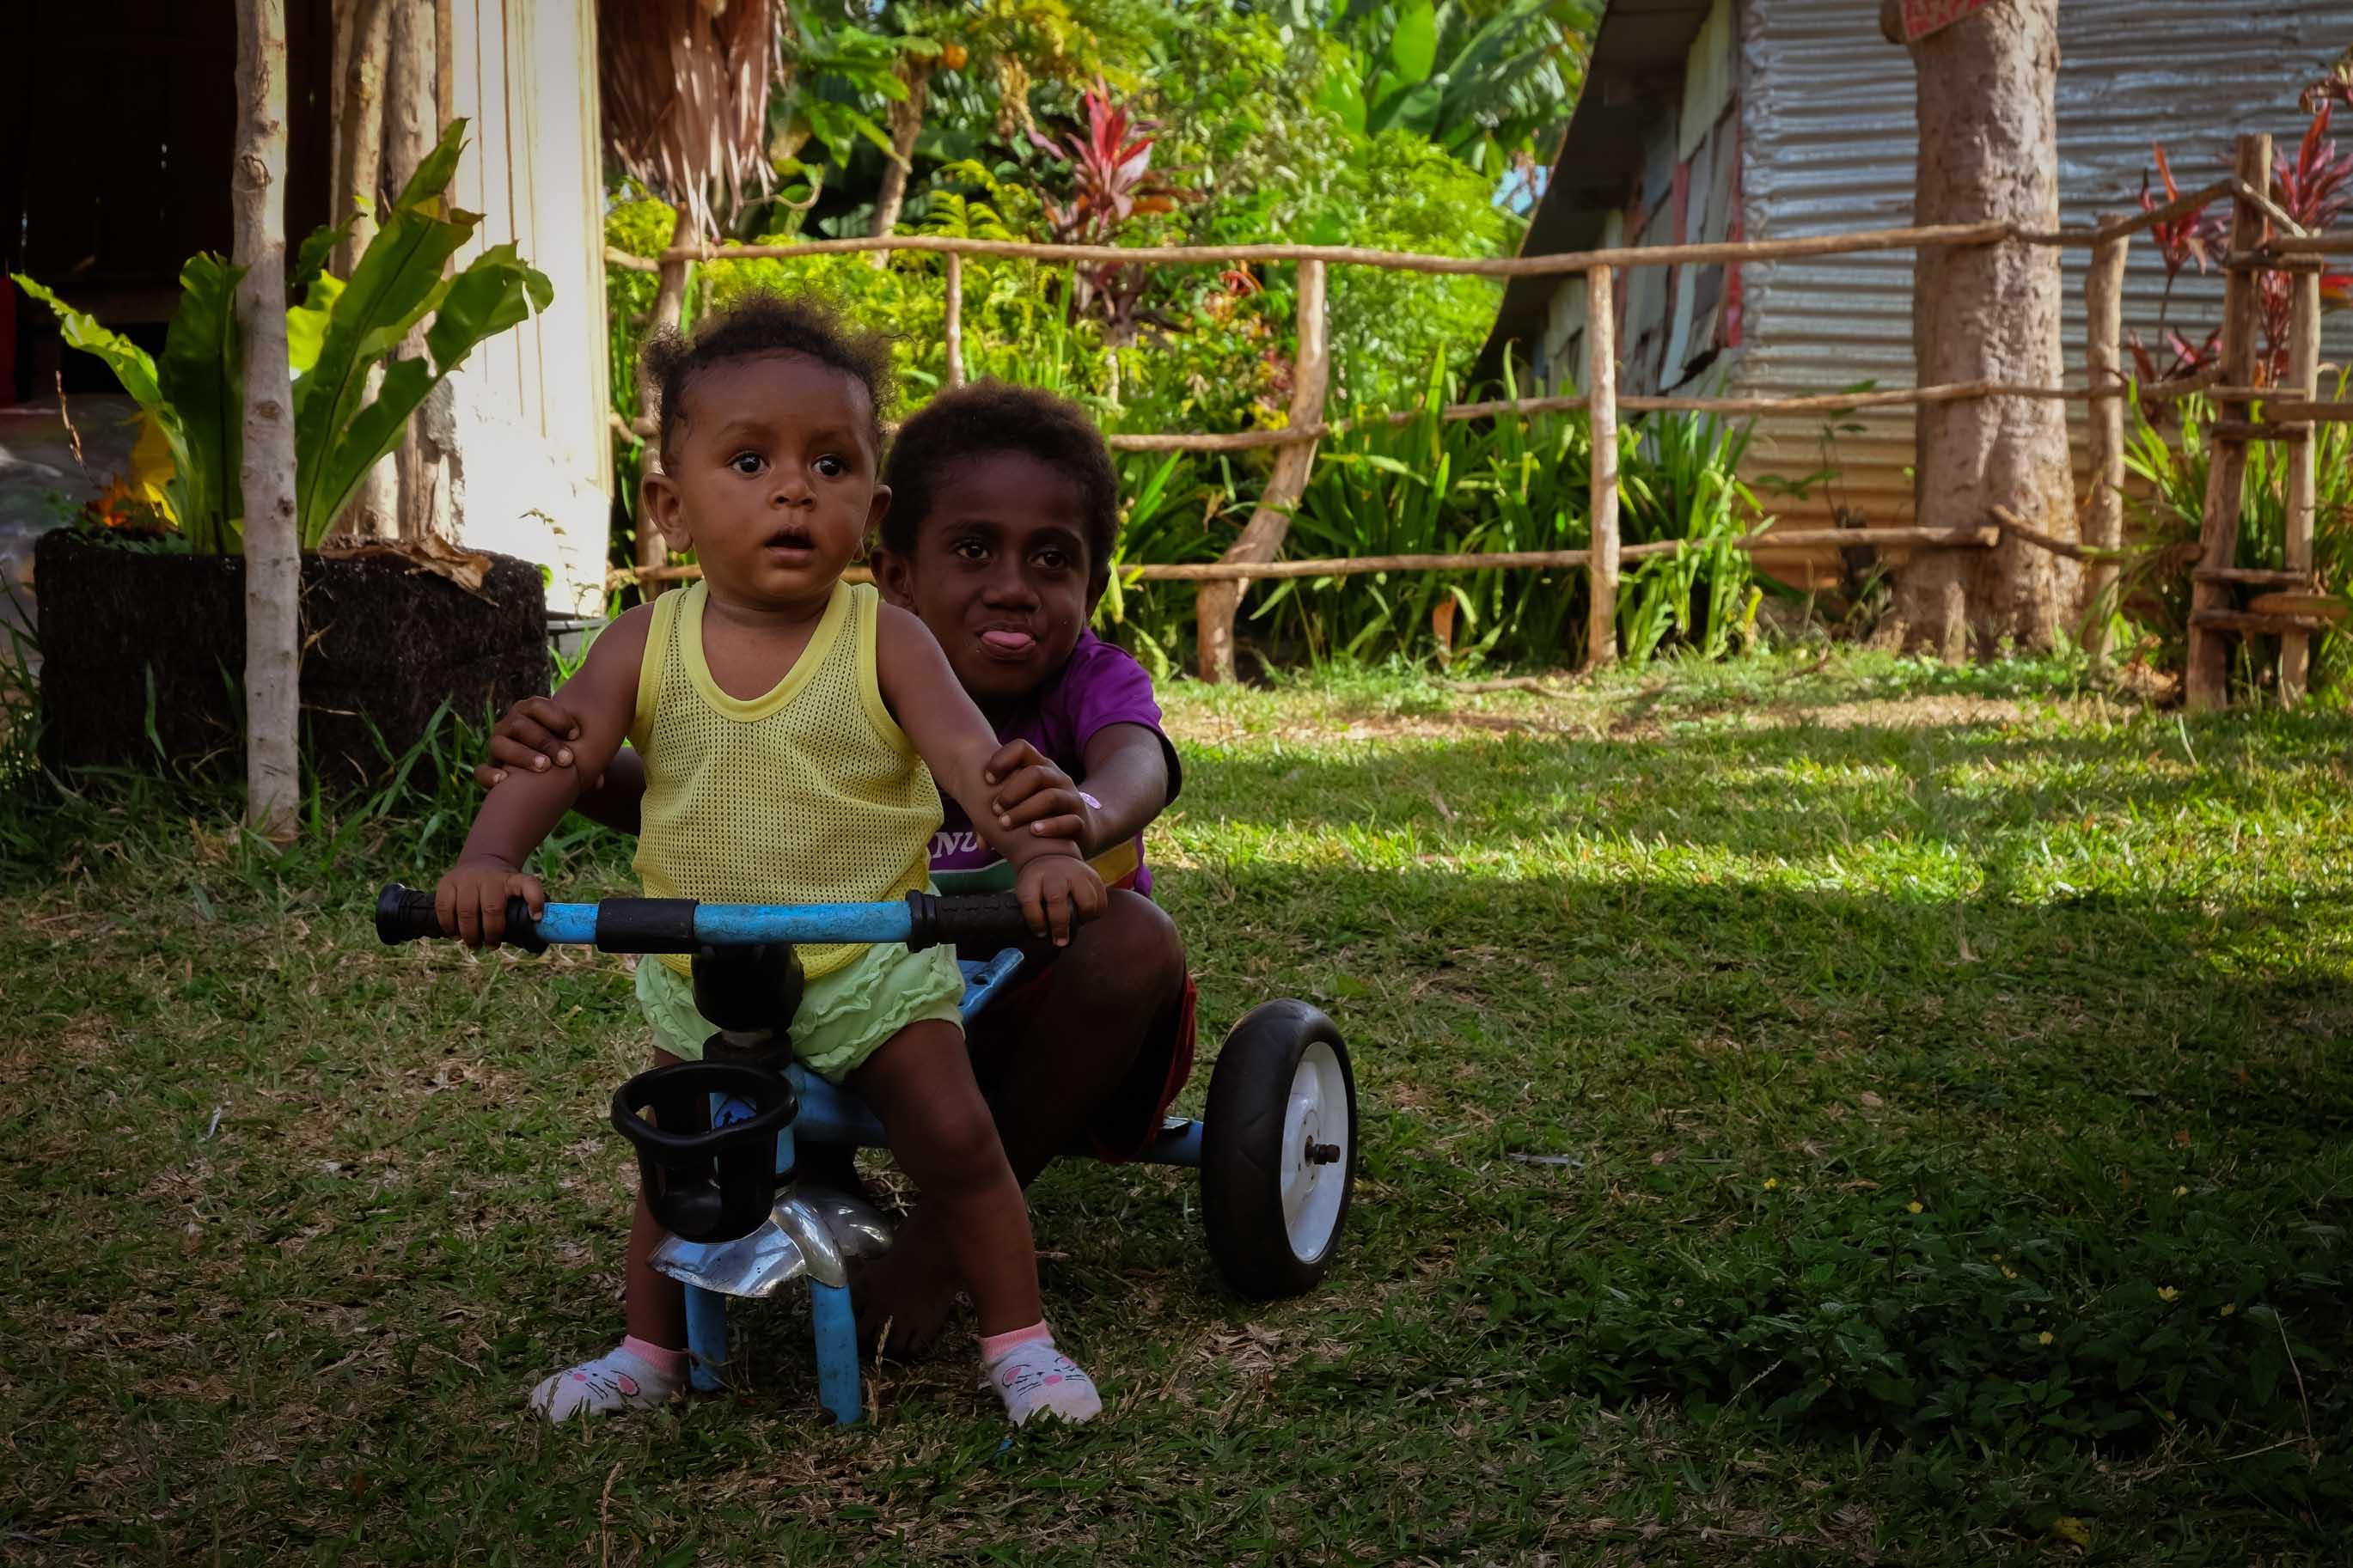 Děti ze školy na Vanuatu, Jižní Pacifik, Melanésie, fotograf Lenka Martincová